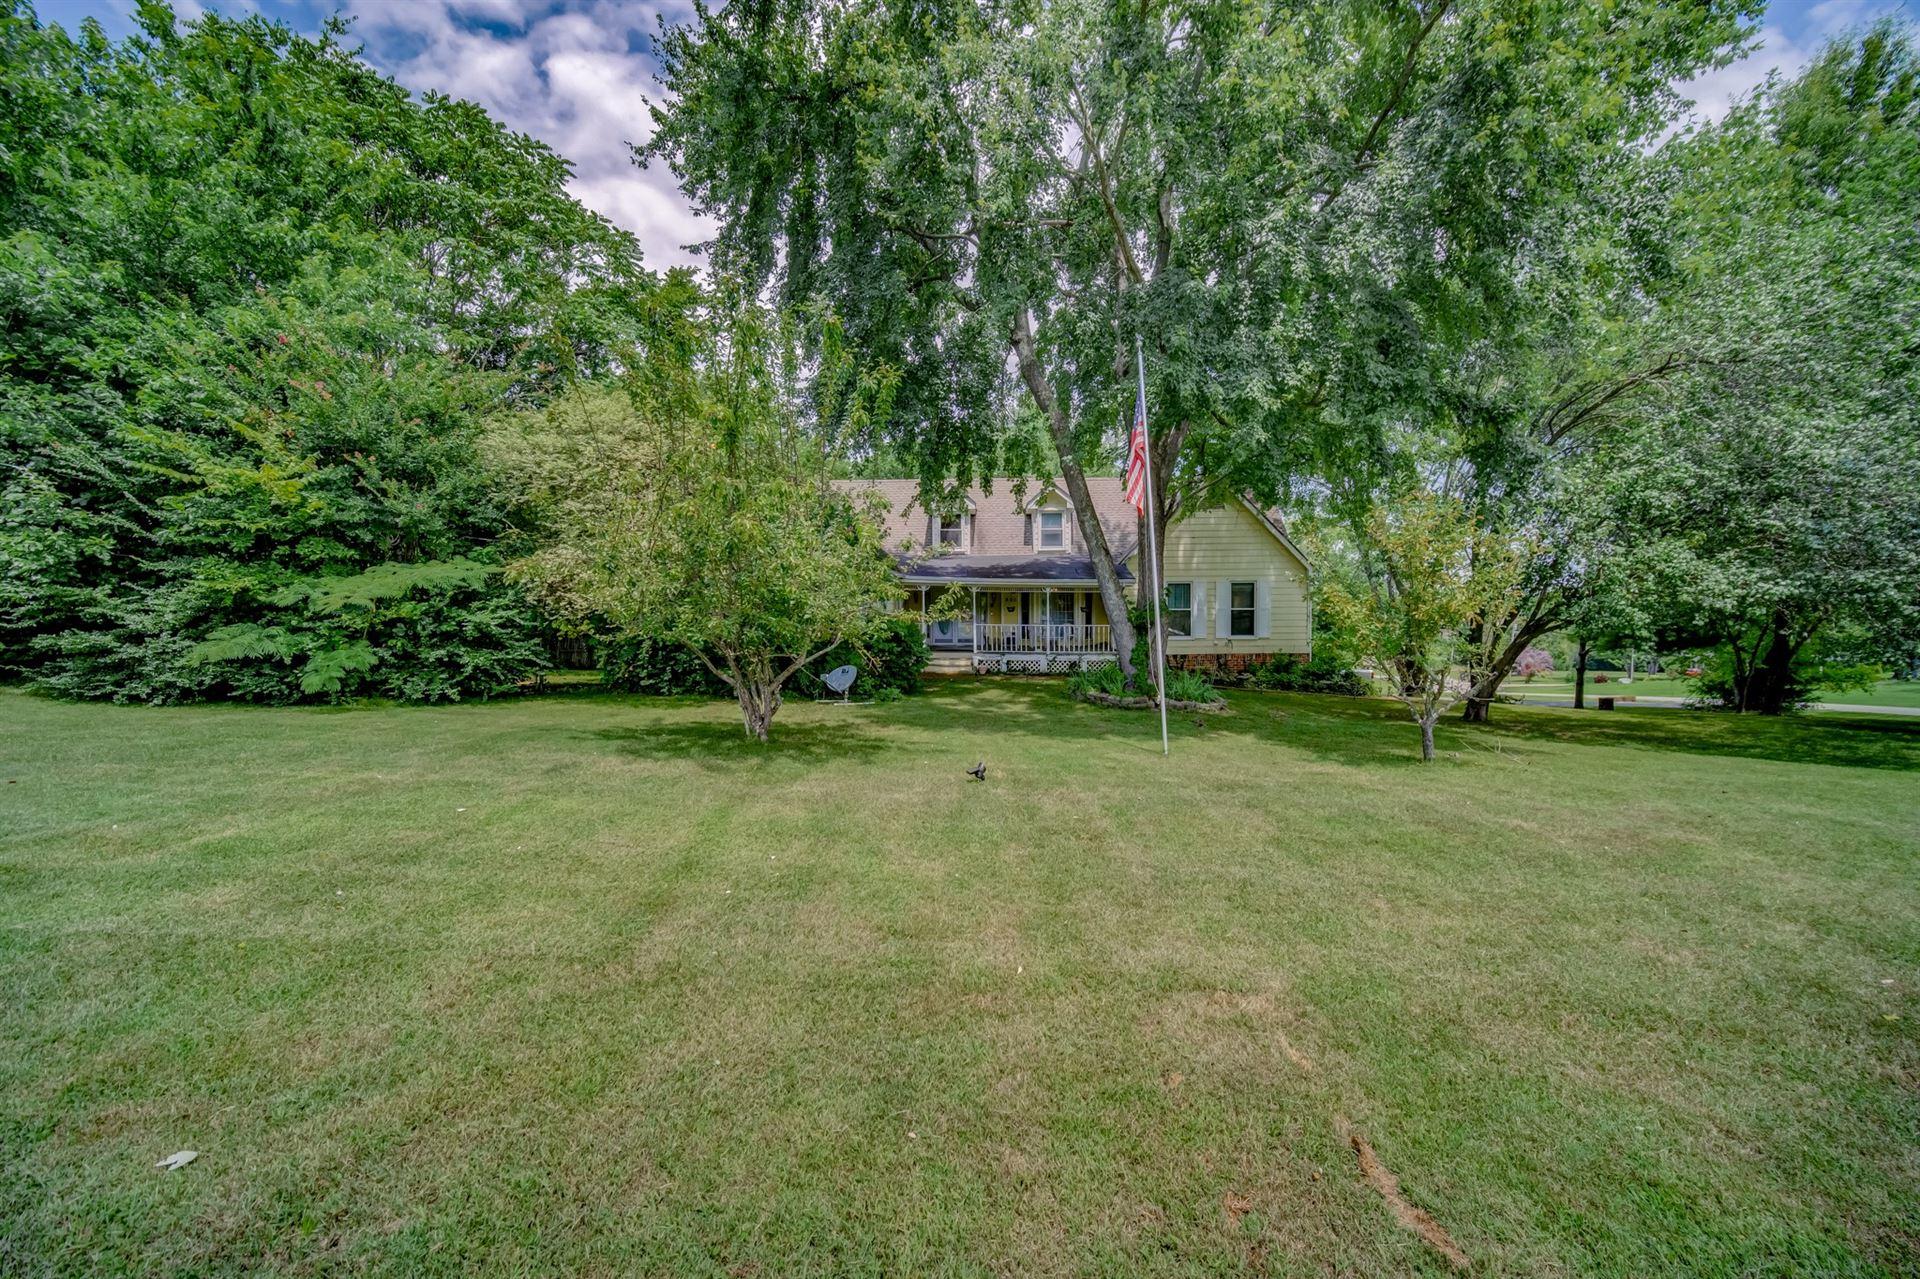 Photo of 500 Ridgewood Rd, Franklin, TN 37064 (MLS # 2273298)